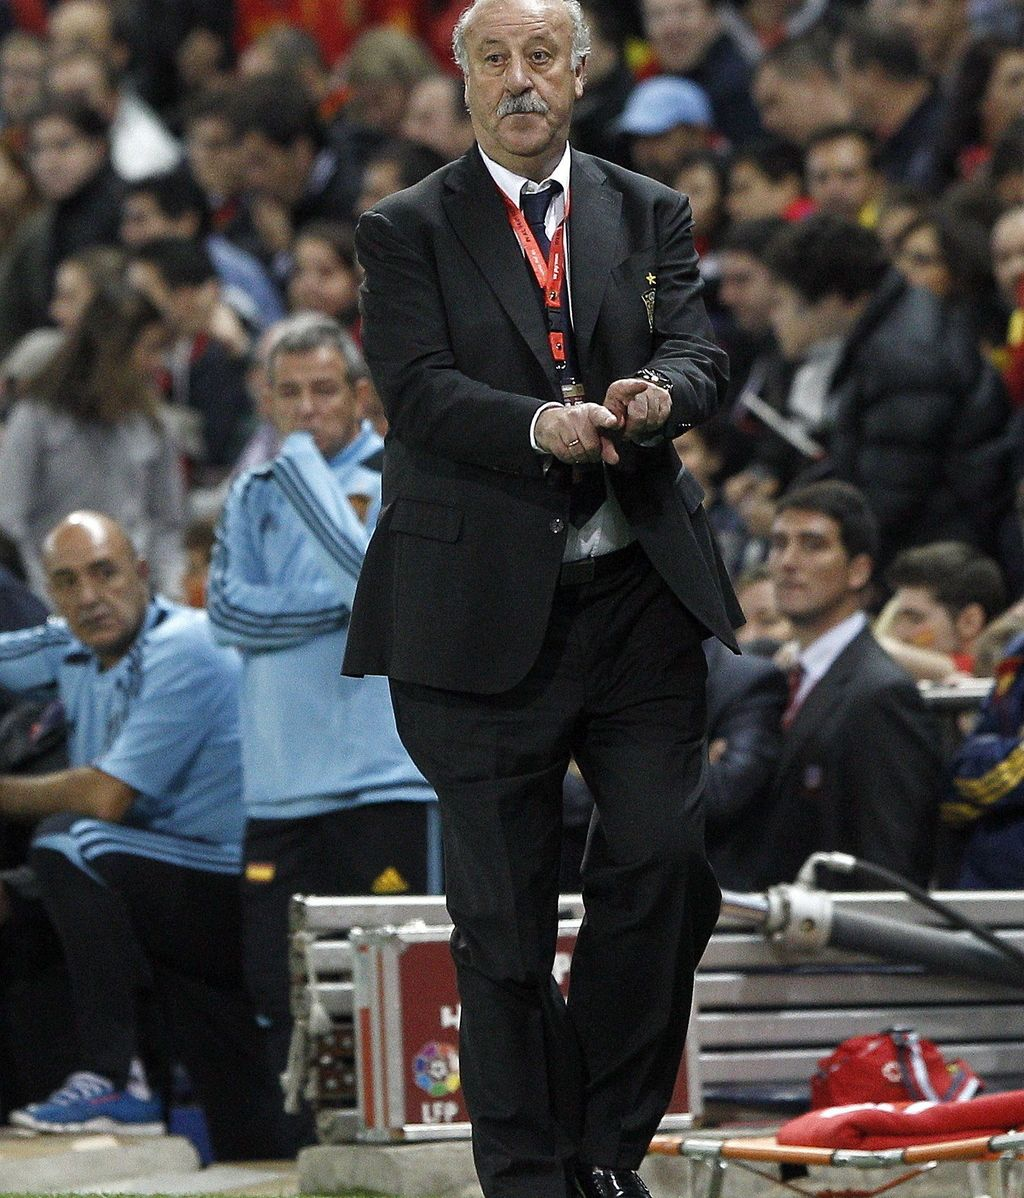 El entrenador de la selección española, Vicente del Bosque, durante el partido de la fase de clasificación para el Mundial de Brasil 2014 ante Francia